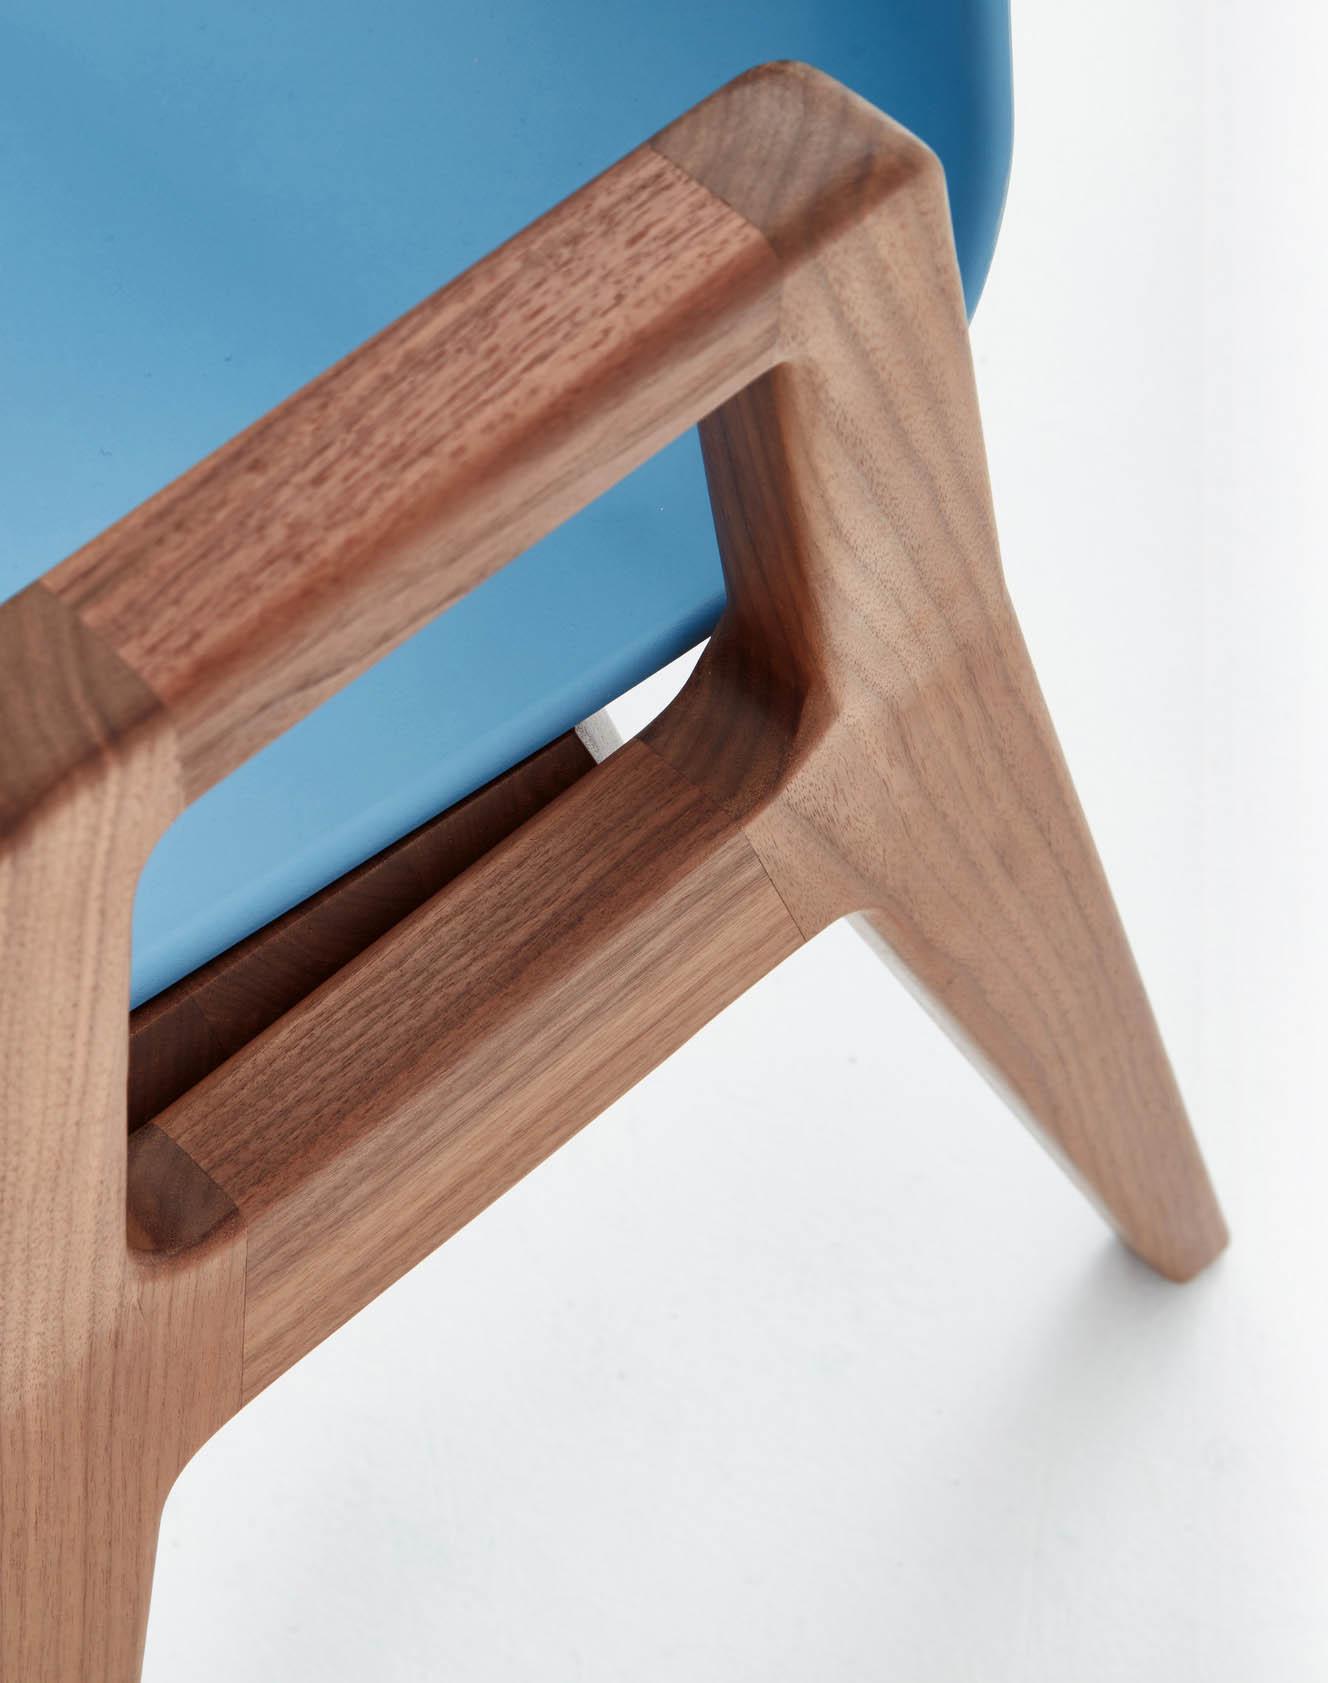 5-Silla-Multiuso-Polly-Wood-Flexibilidad-1920